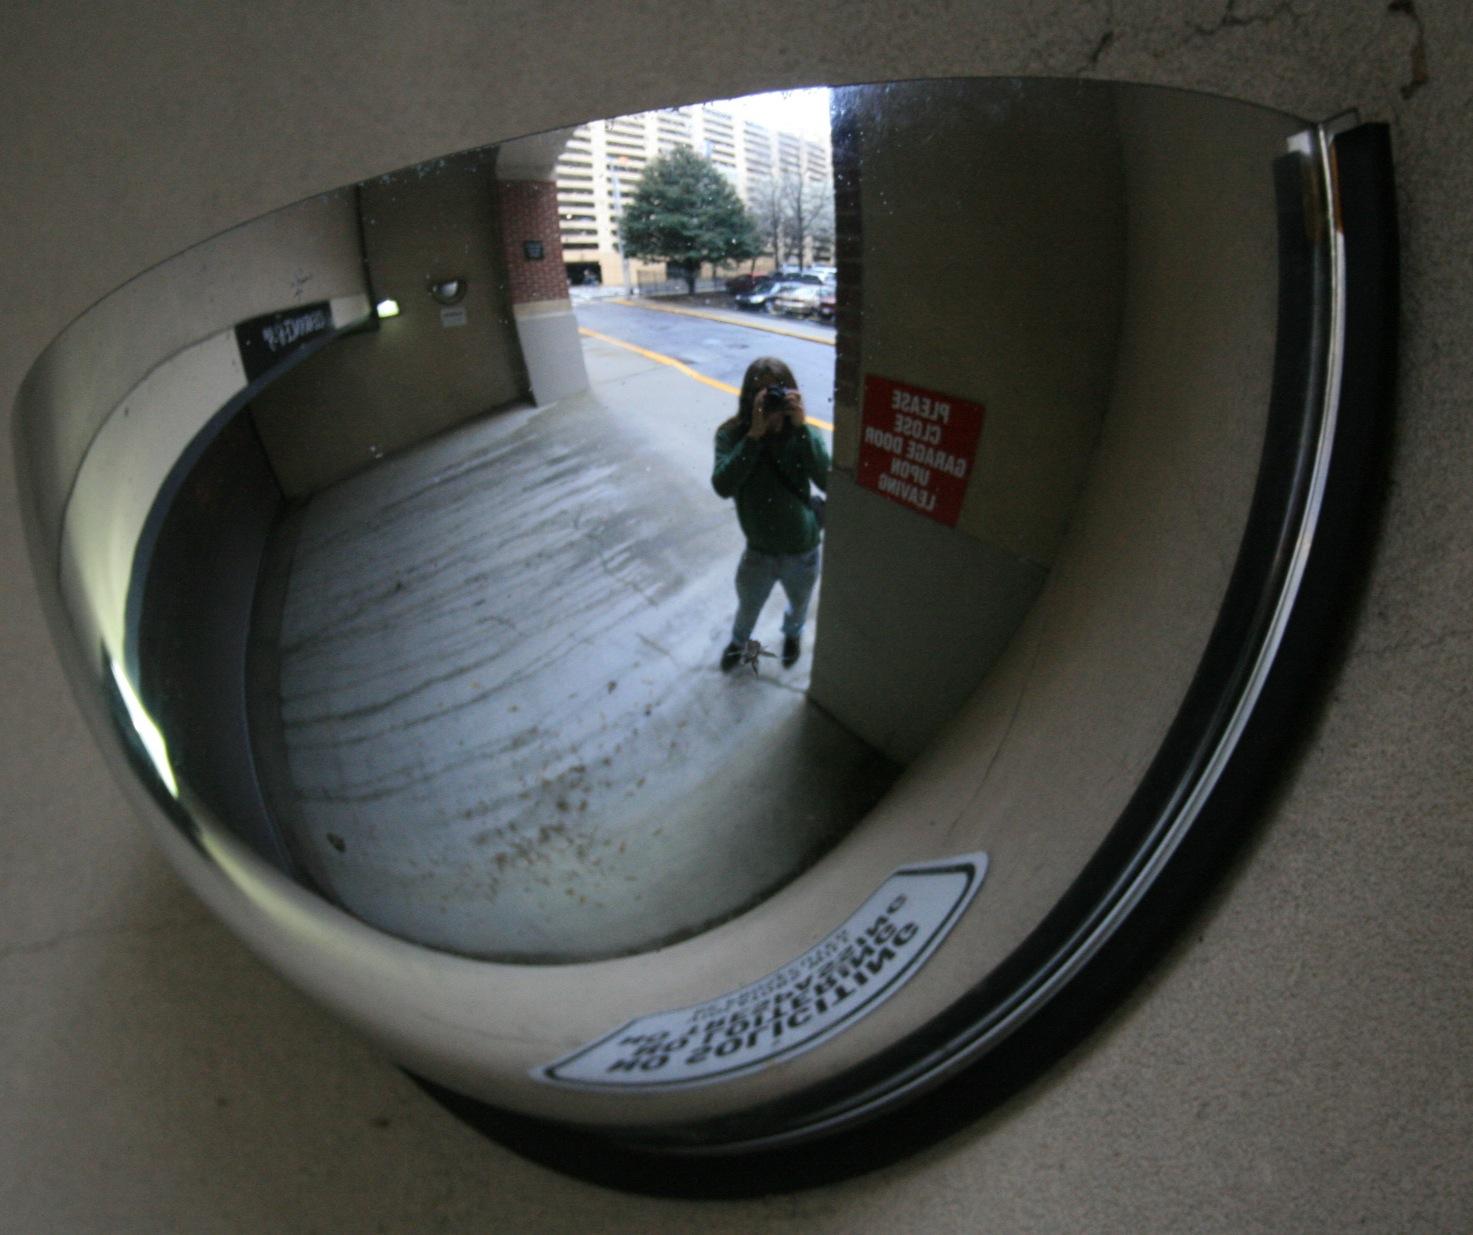 2008-03-14_Convex_mirror_in_Atlanta_garage_entrance